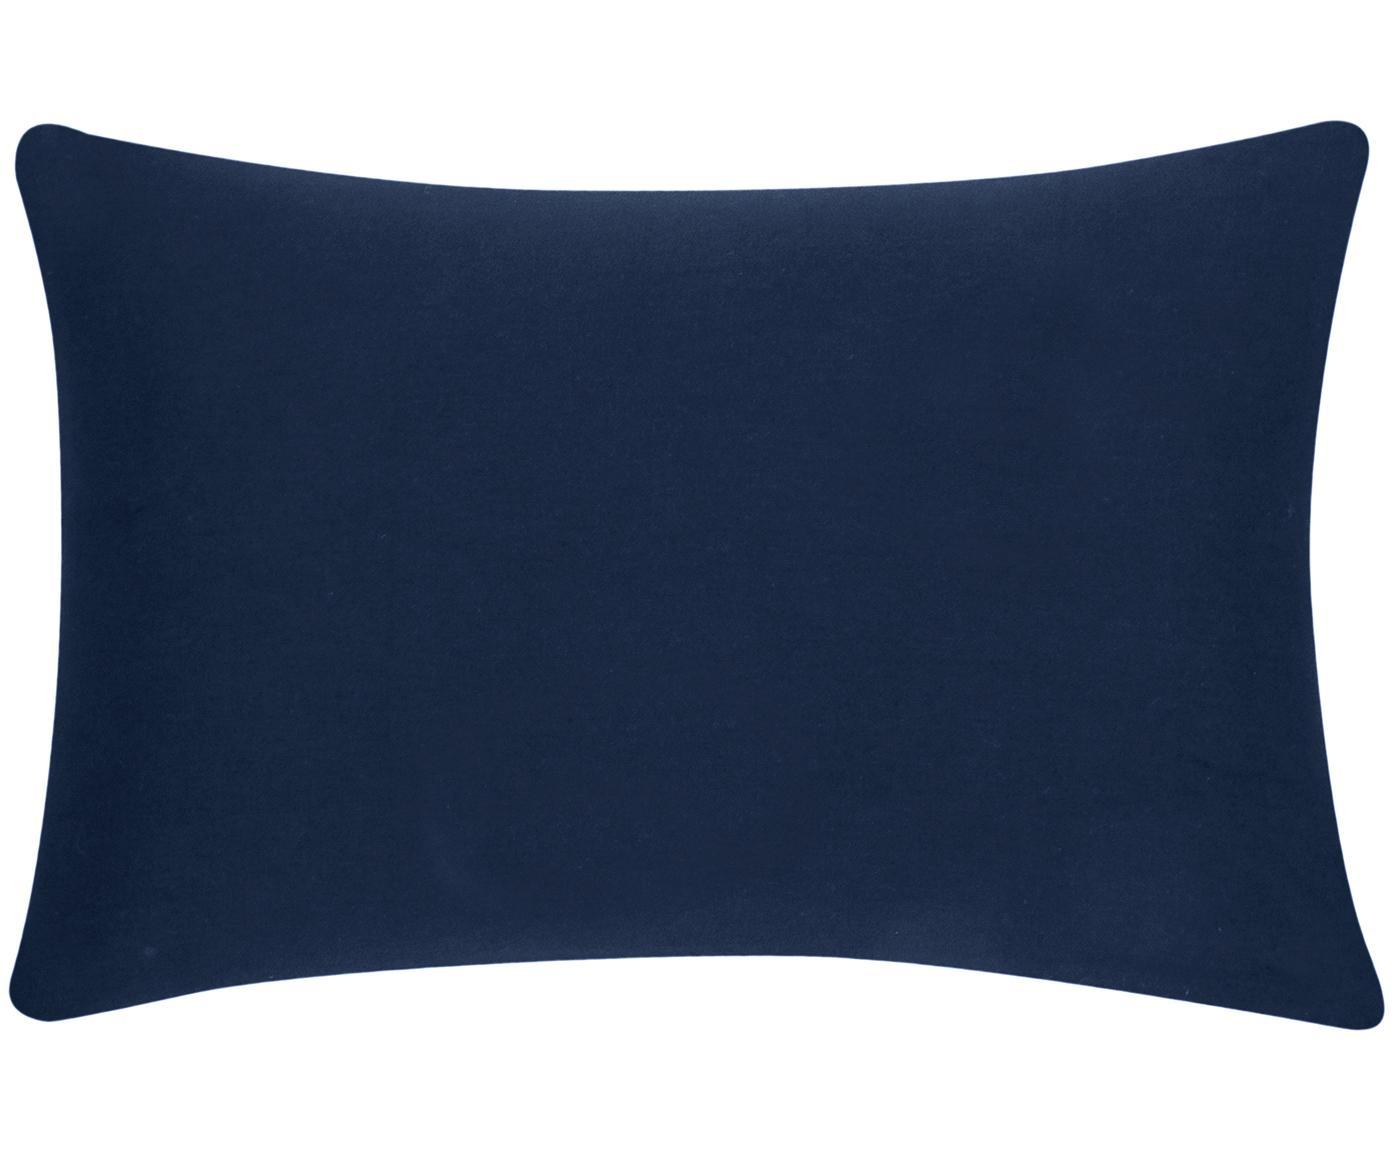 Poszewka na poduszkę z bawełny Mads, Bawełna, Granatowy, S 30 x D 50 cm